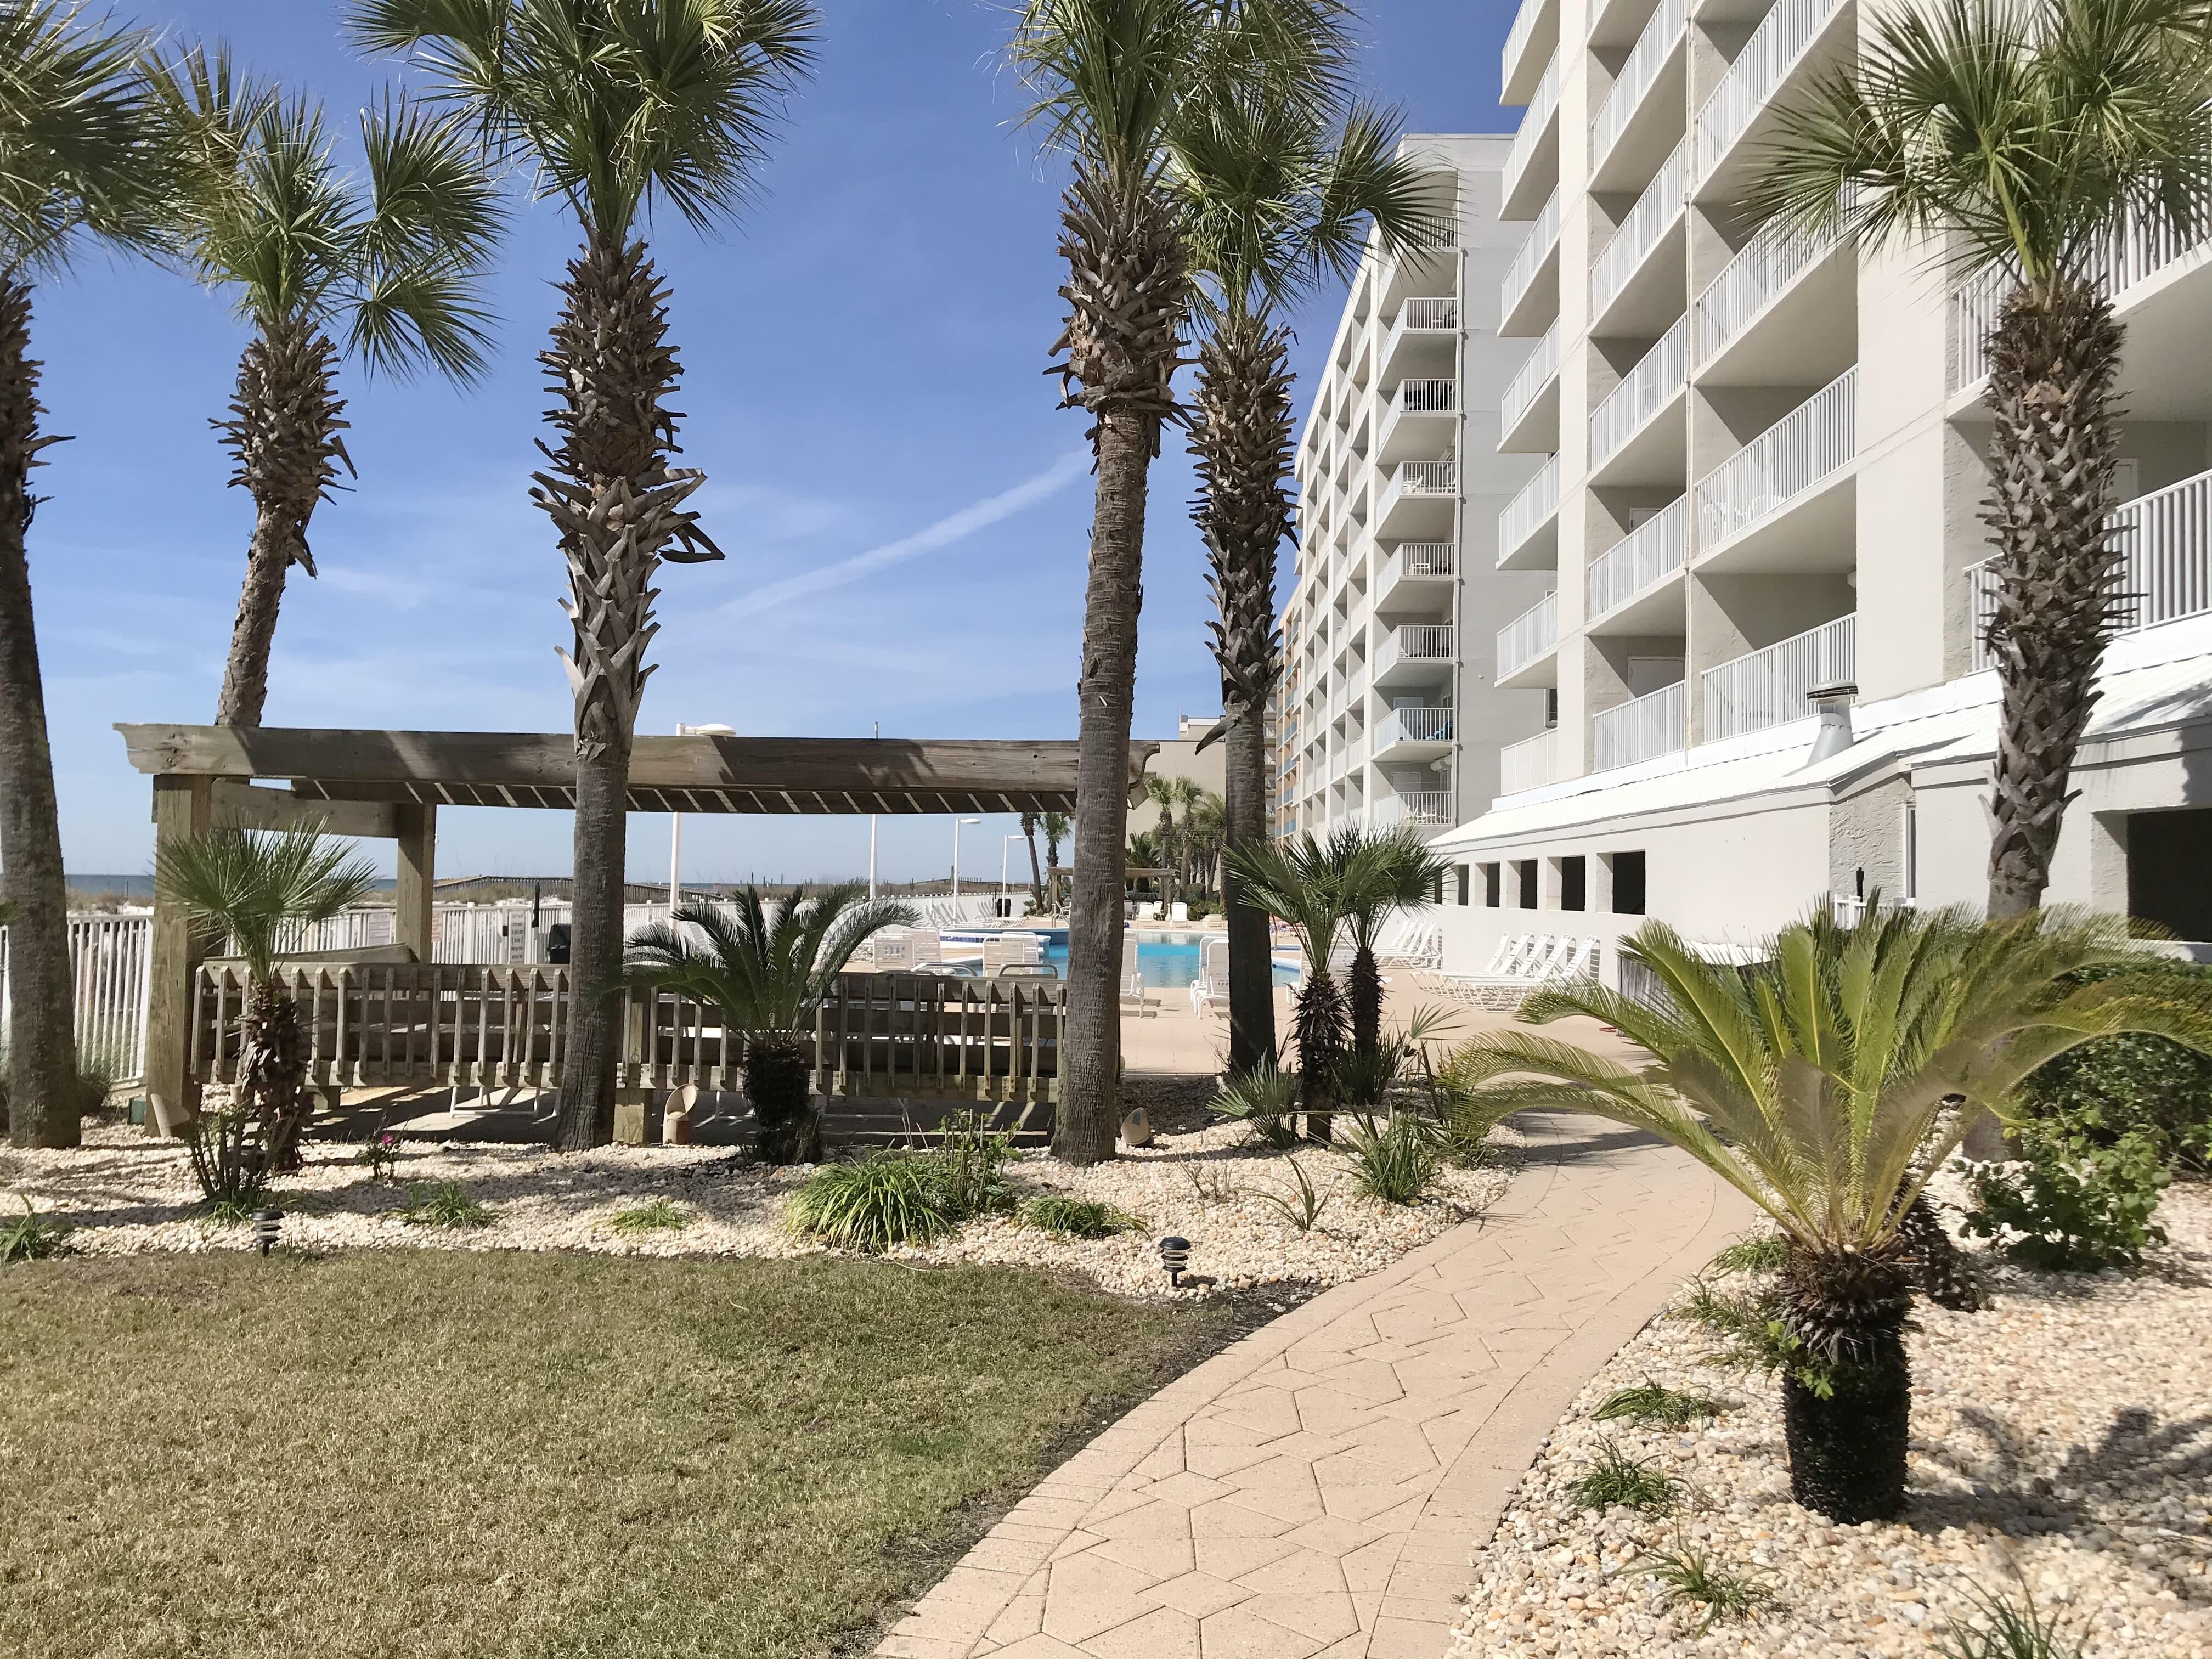 Ocean House 2606 Condo rental in Ocean House - Gulf Shores in Gulf Shores Alabama - #57